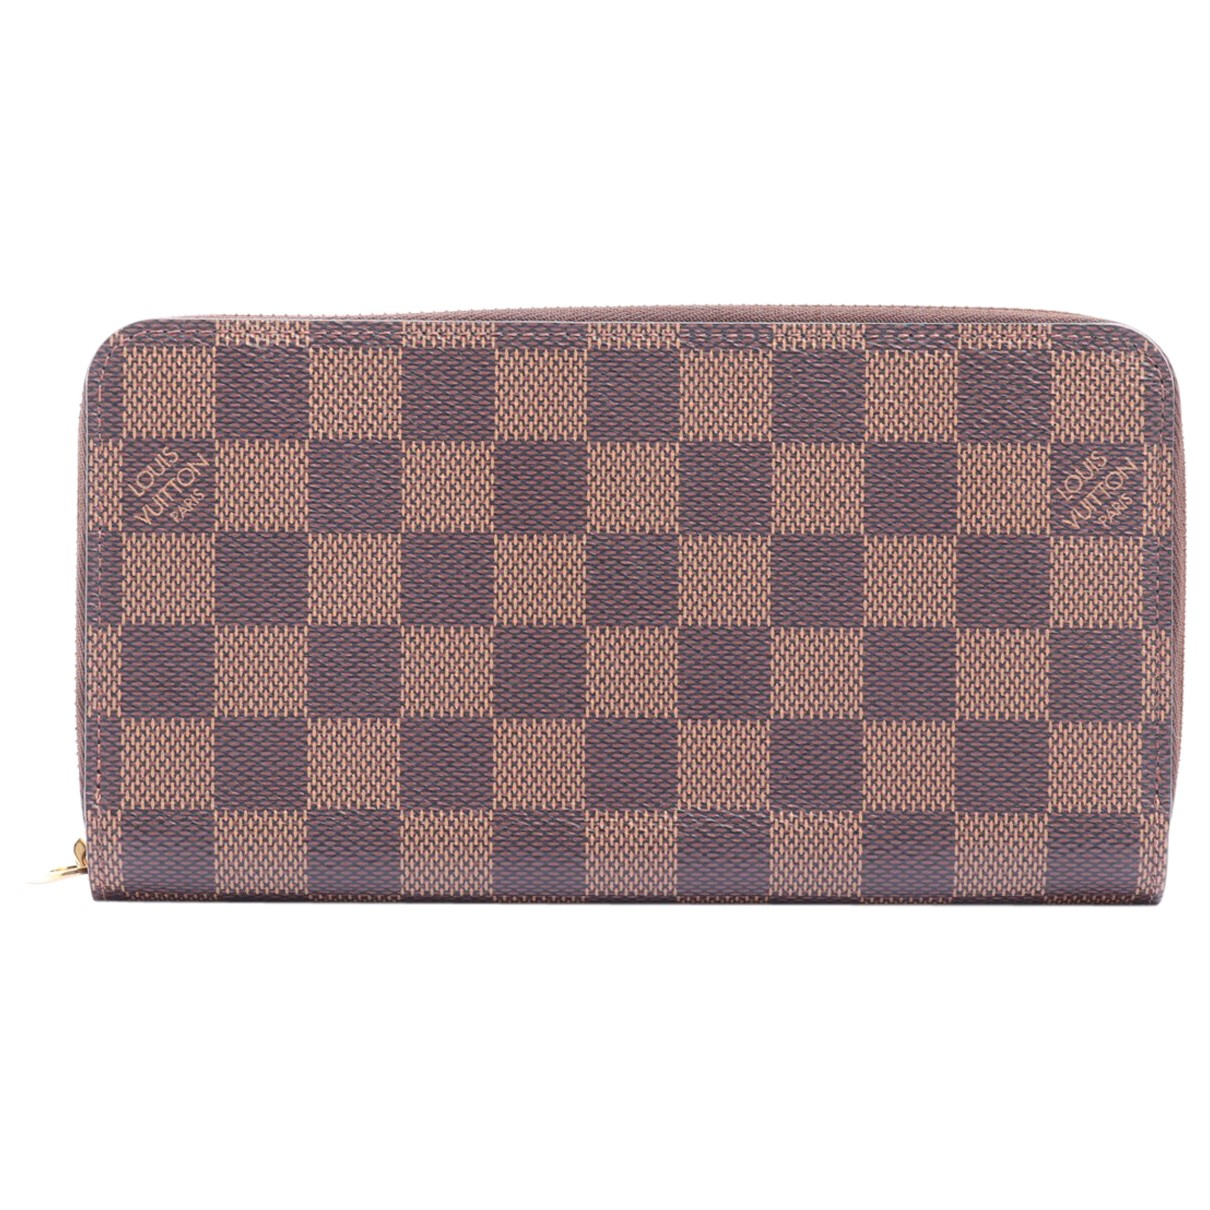 Louis Vuitton - Portefeuille Zippy pour femme en toile